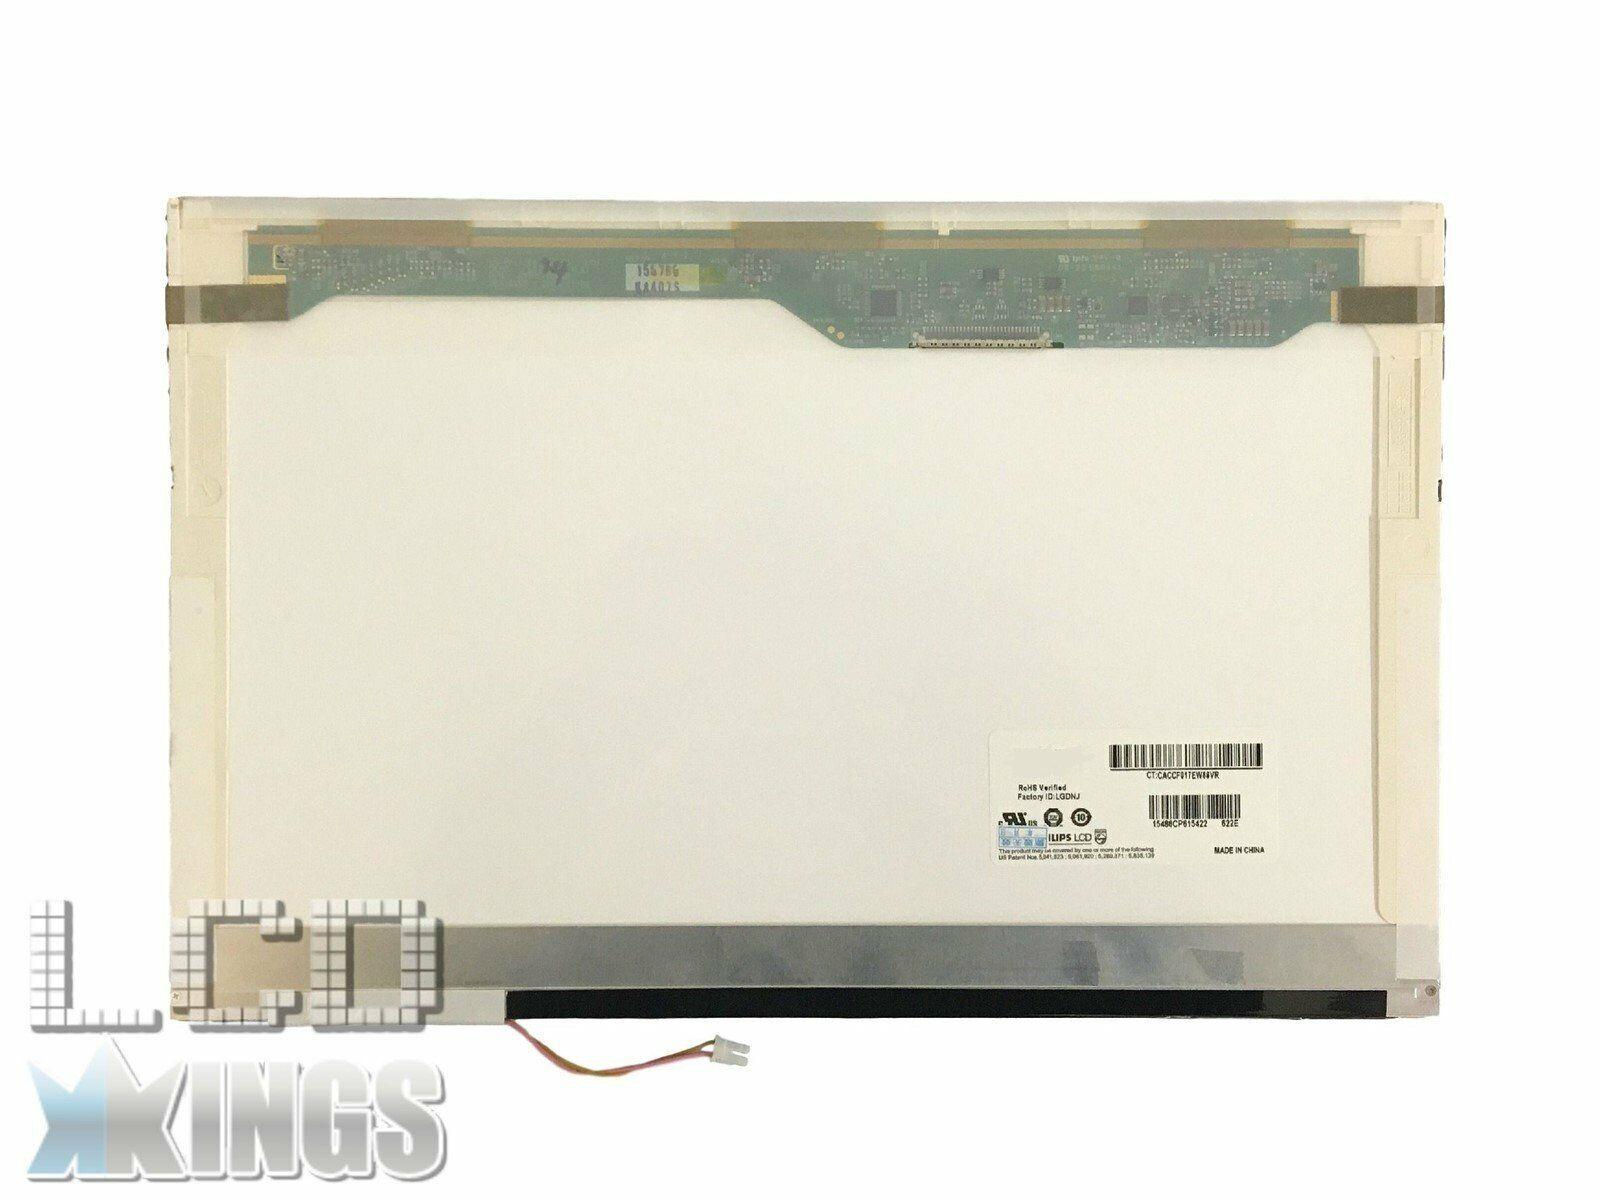 Fujitsu Amilo A1640 15.4